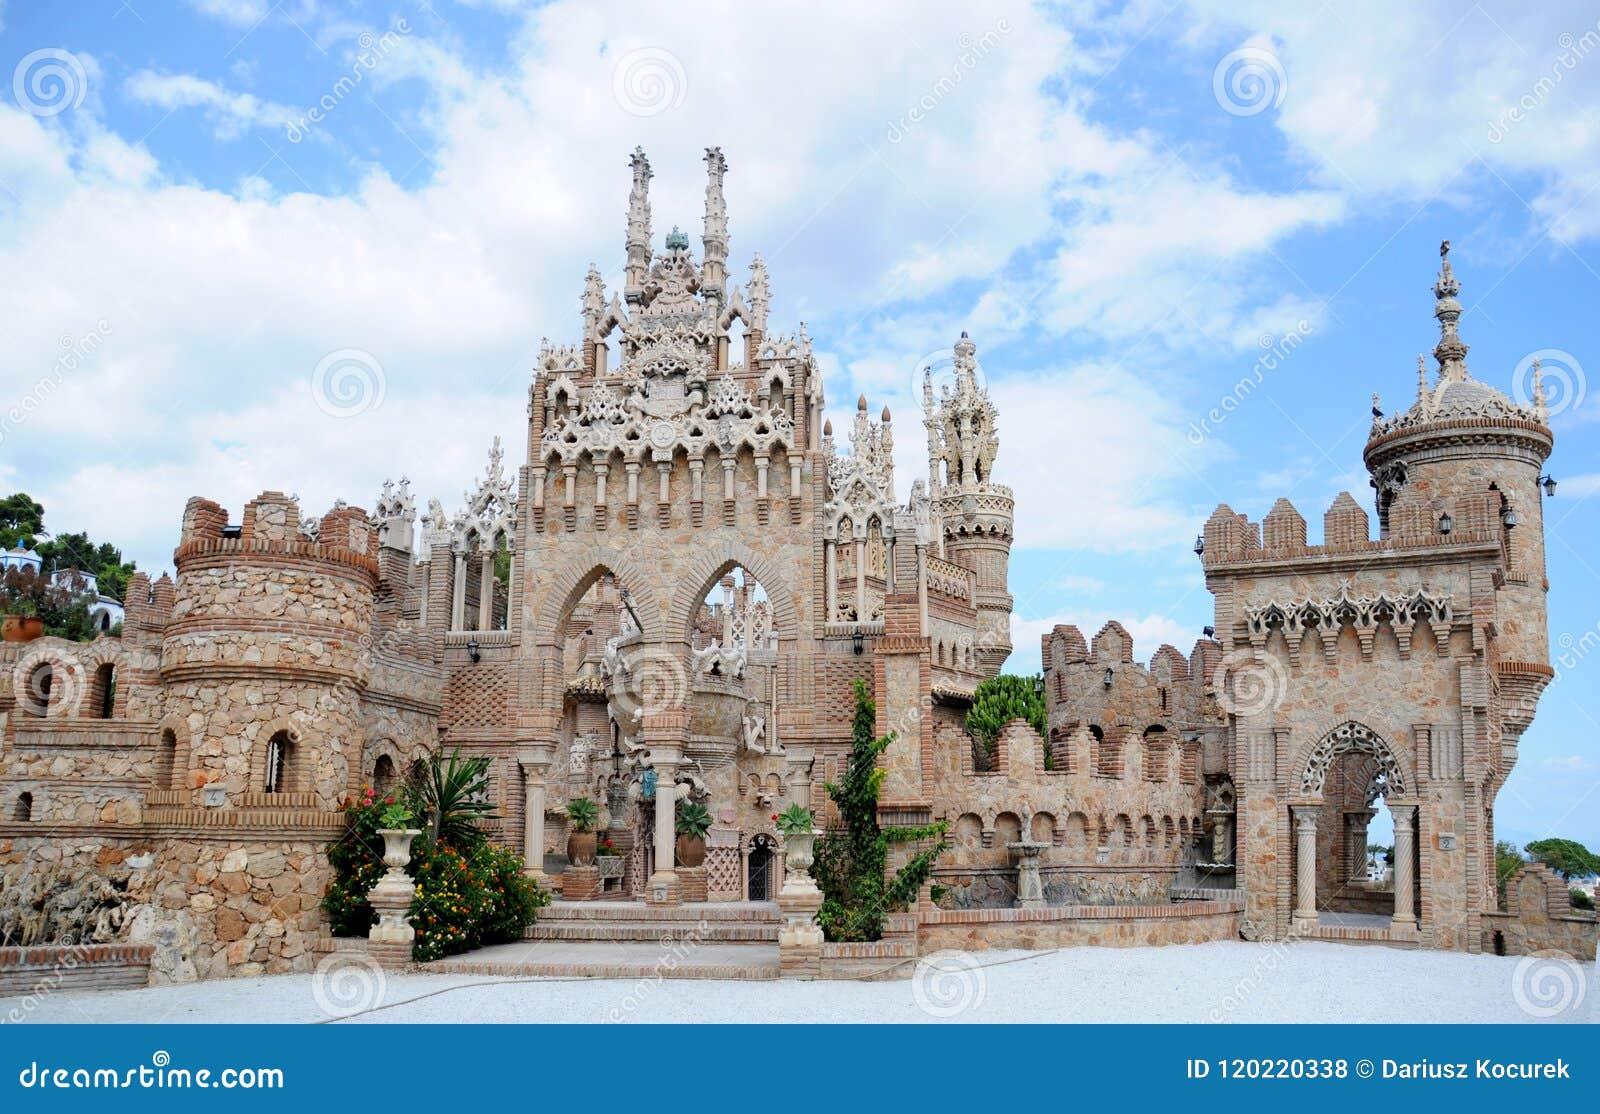 Benalmadena, Испания - 24-ое сентября 2009: Castillo de Colomares